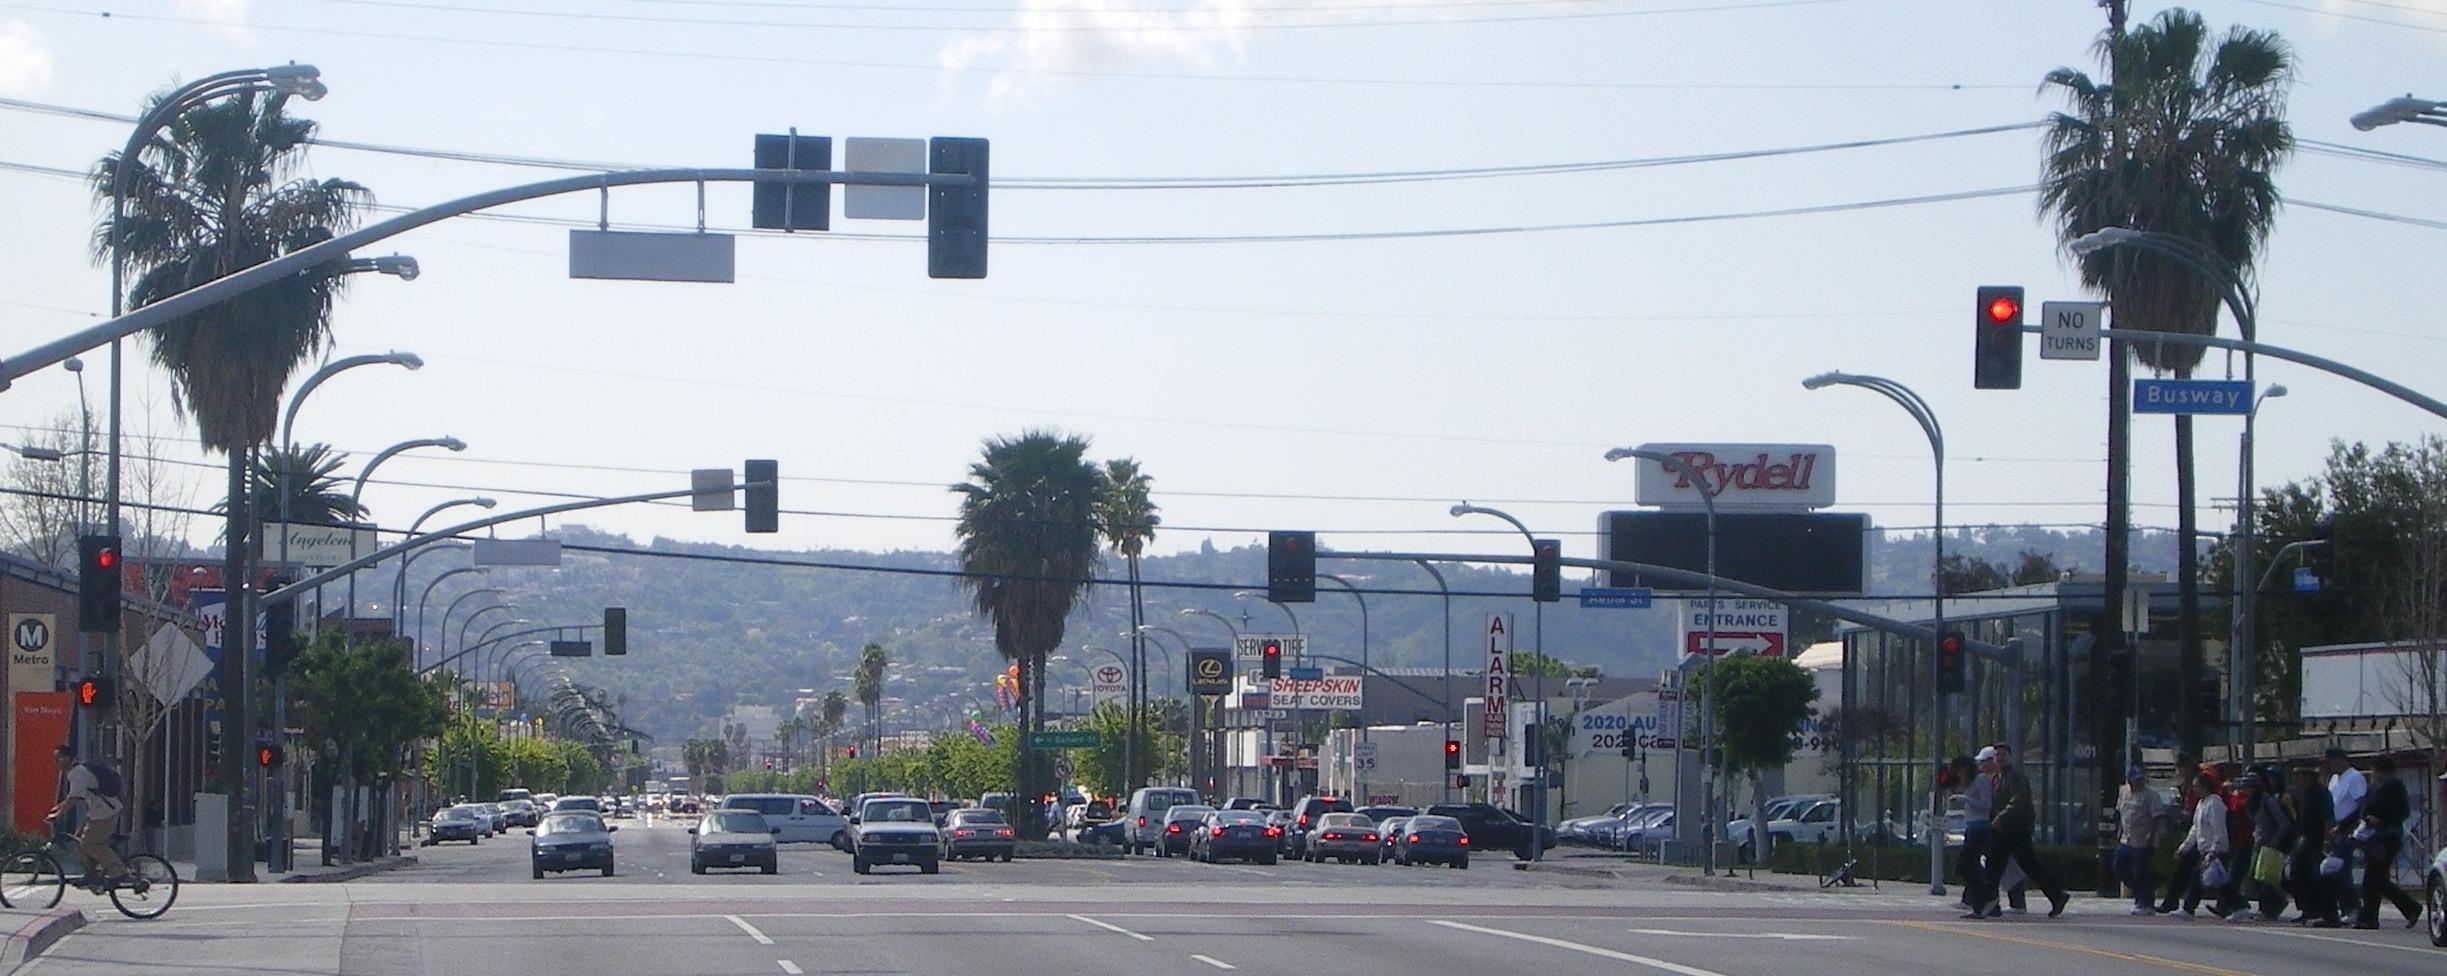 Van Nuys Boulevard